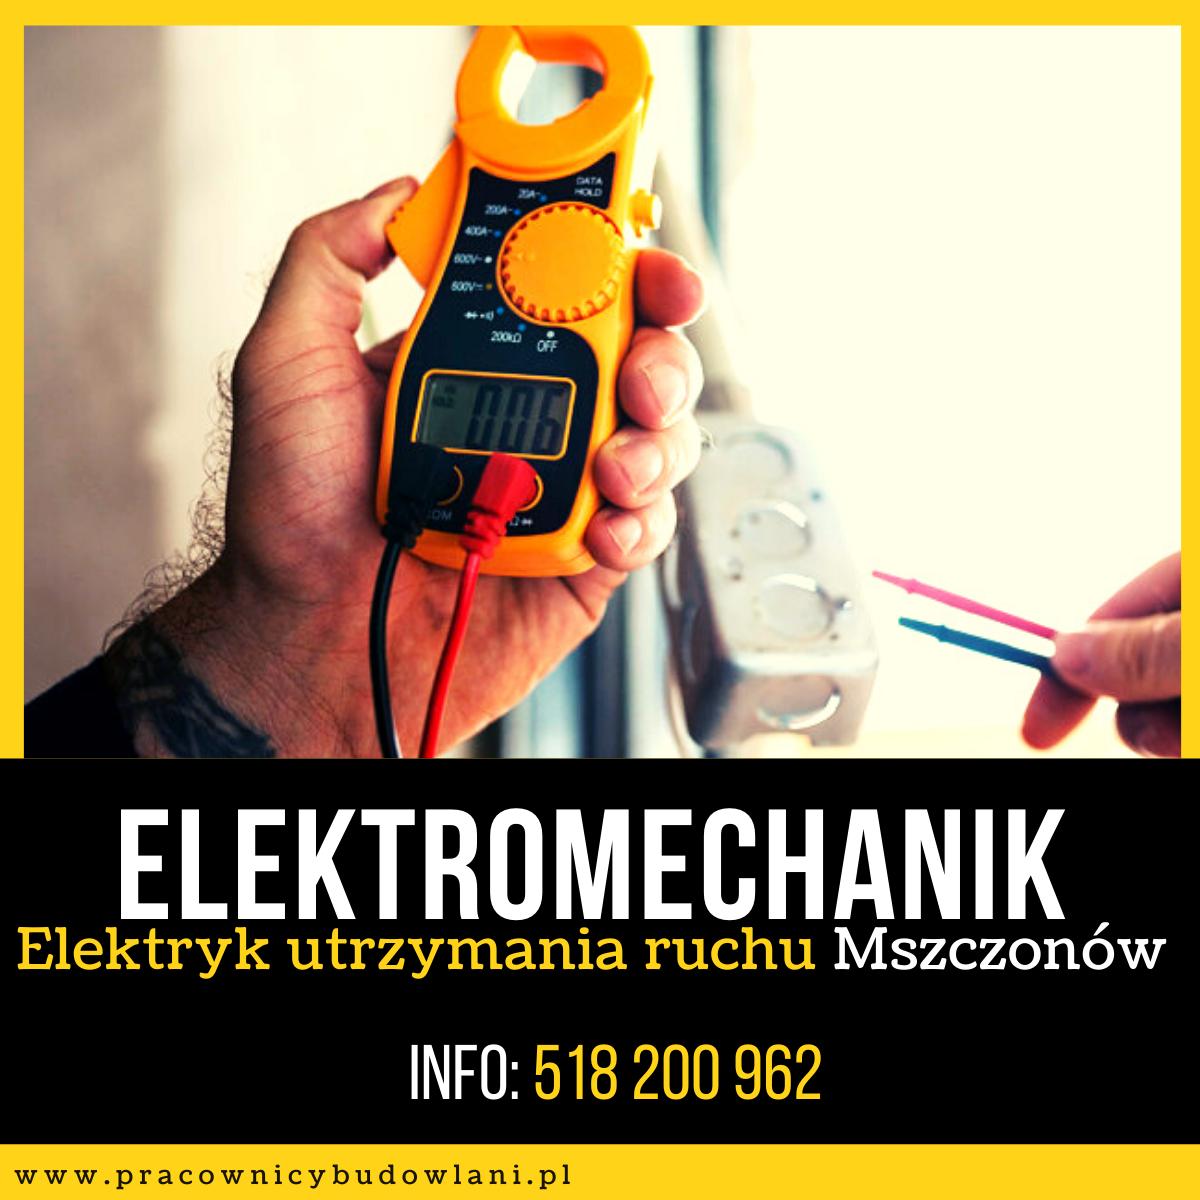 Elektromechanik elektryk lub technik utrzymania ruchu   mszczonów